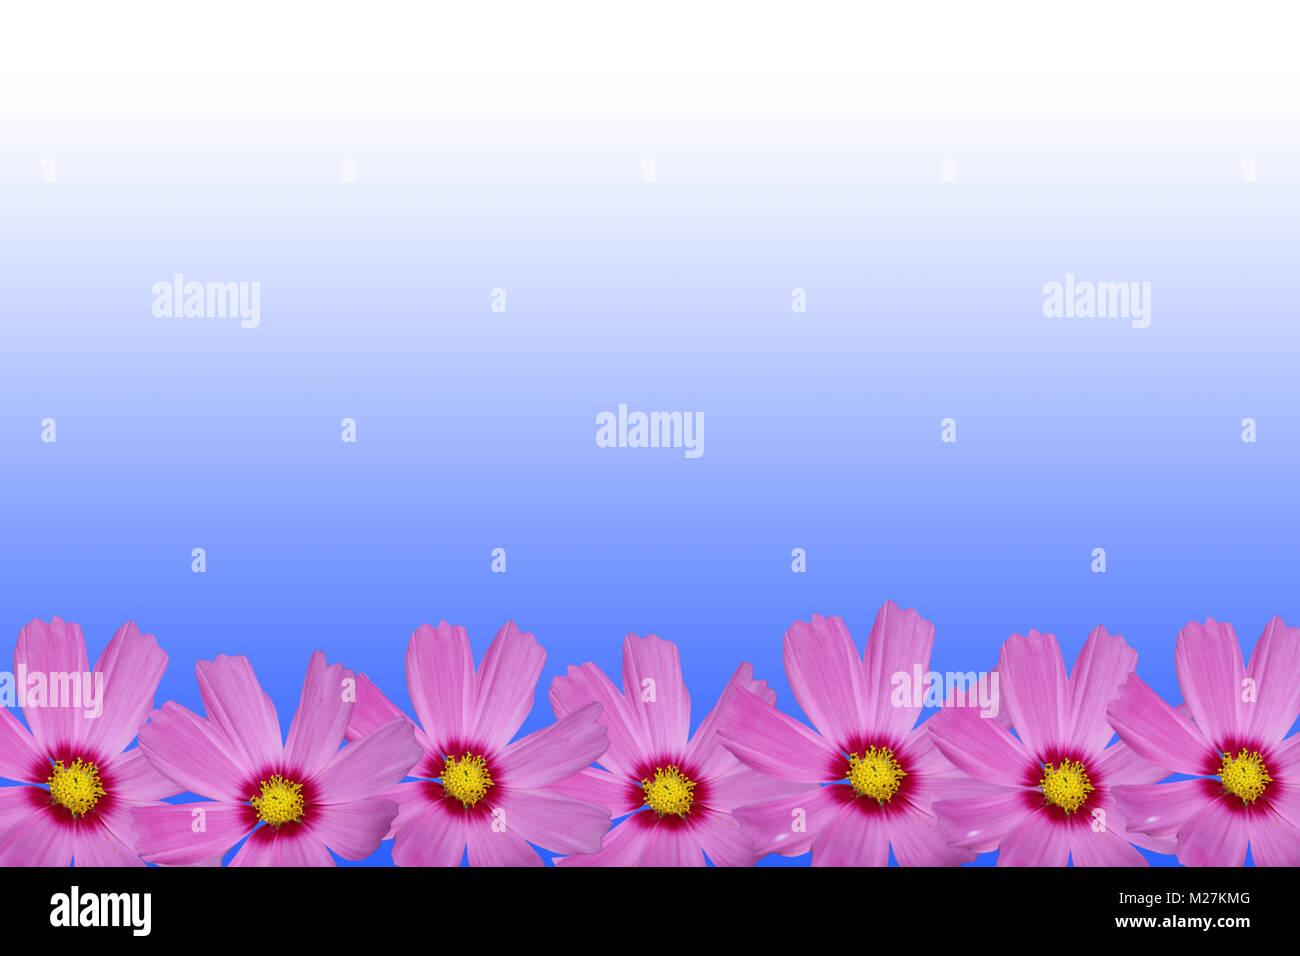 Rosa Cosmo Cornice Di Fiori Su Sfondo Blu Foto Immagine Stock